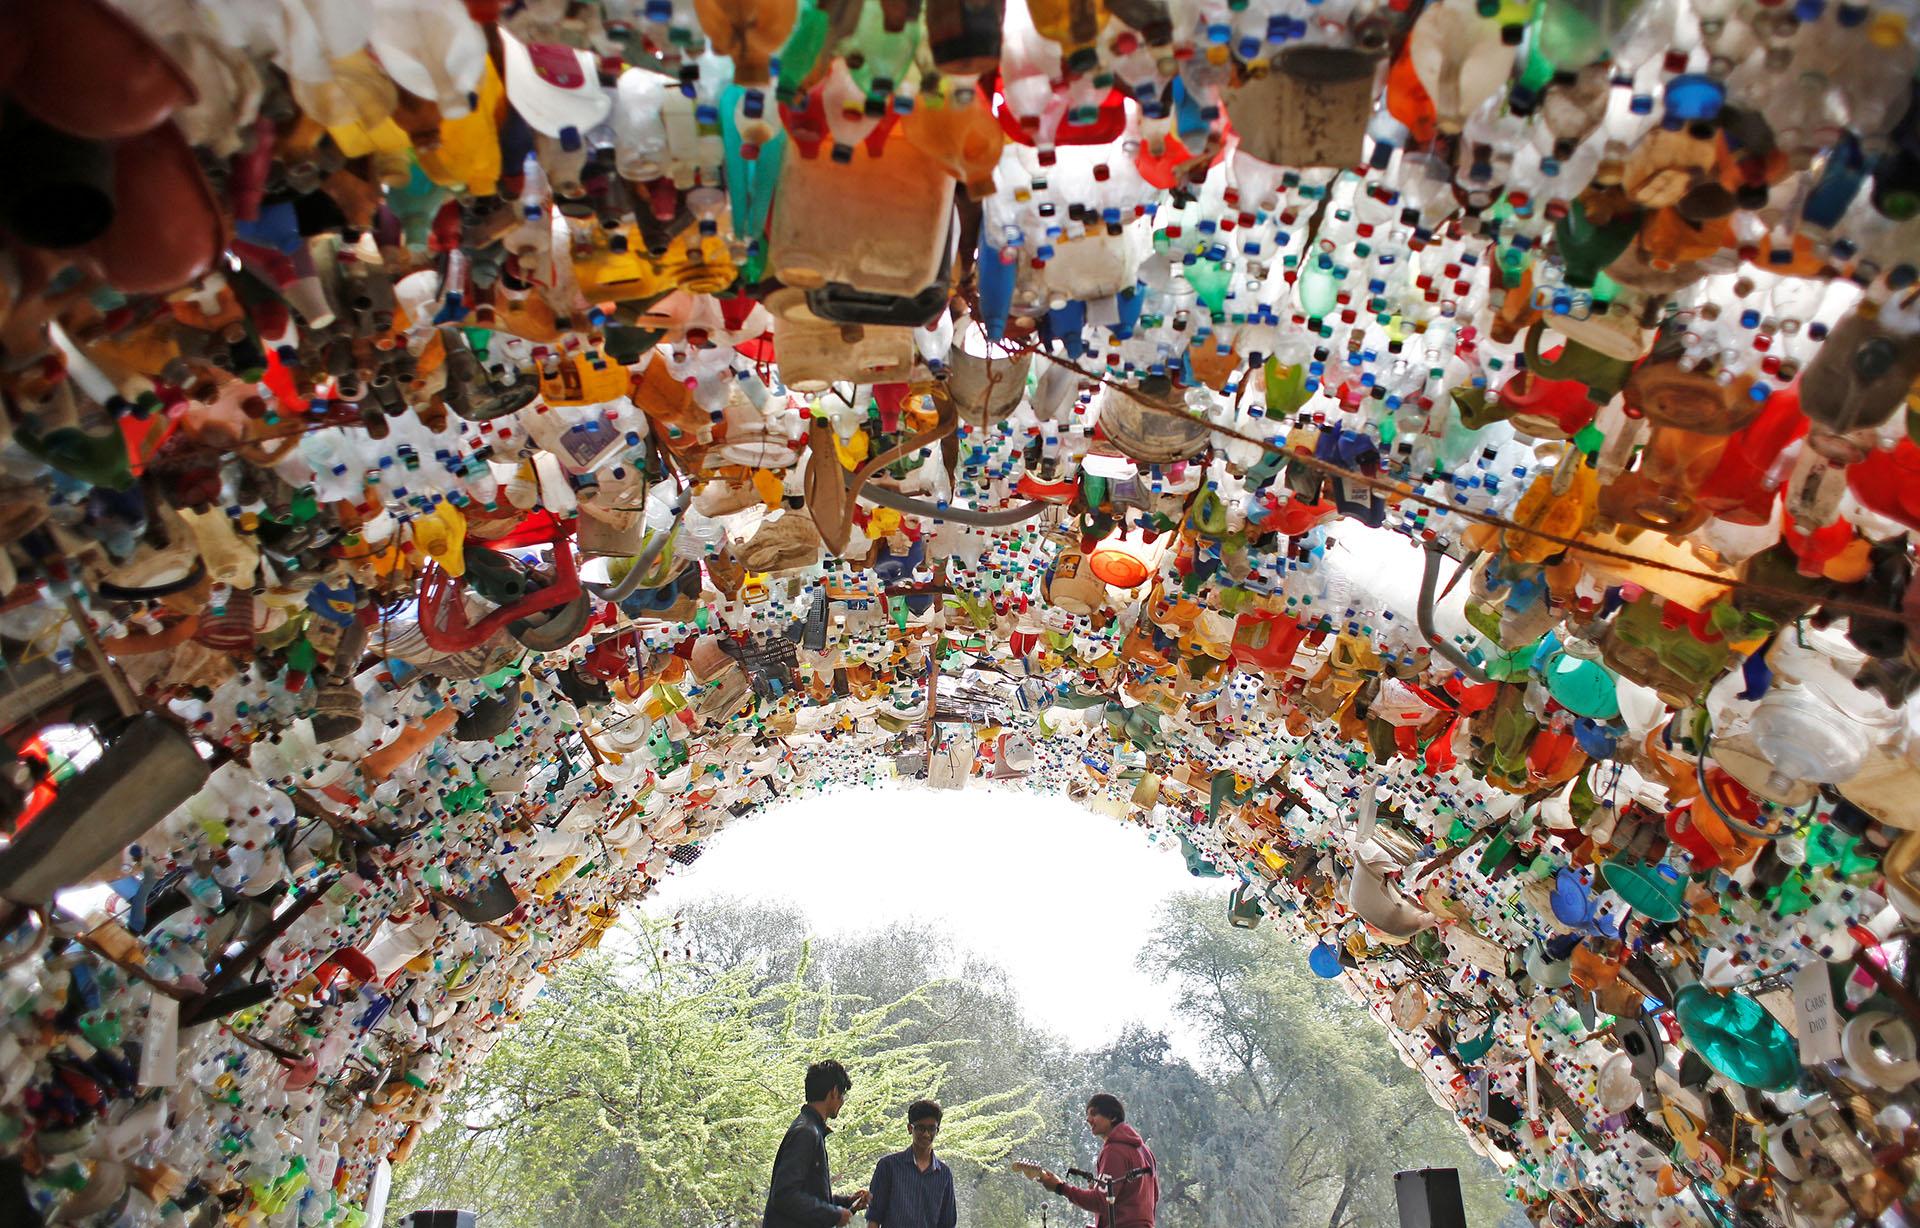 Jóvenes indios realizan una performance artística debajo de una estructura realizada con botellas plásticas como parte delas protestasglobales en la ciudad de Gurugram